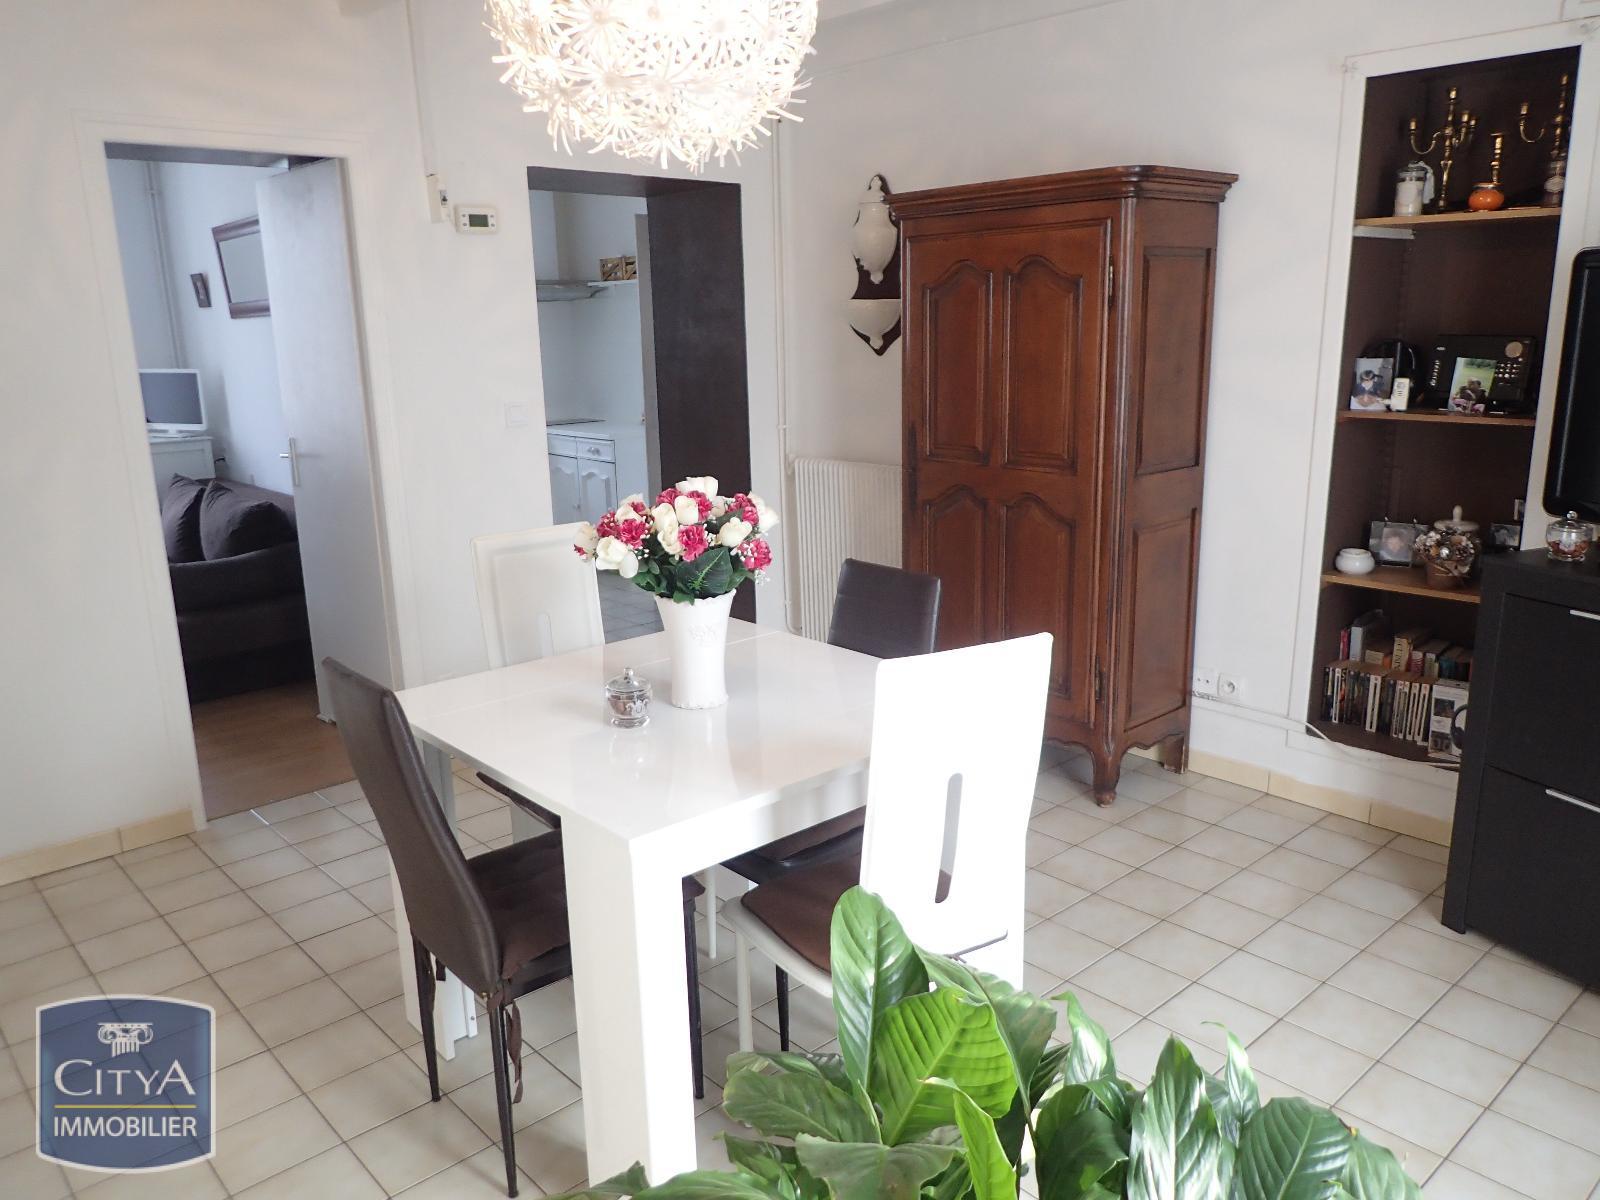 Maison/villa 8 pièces 136 m²